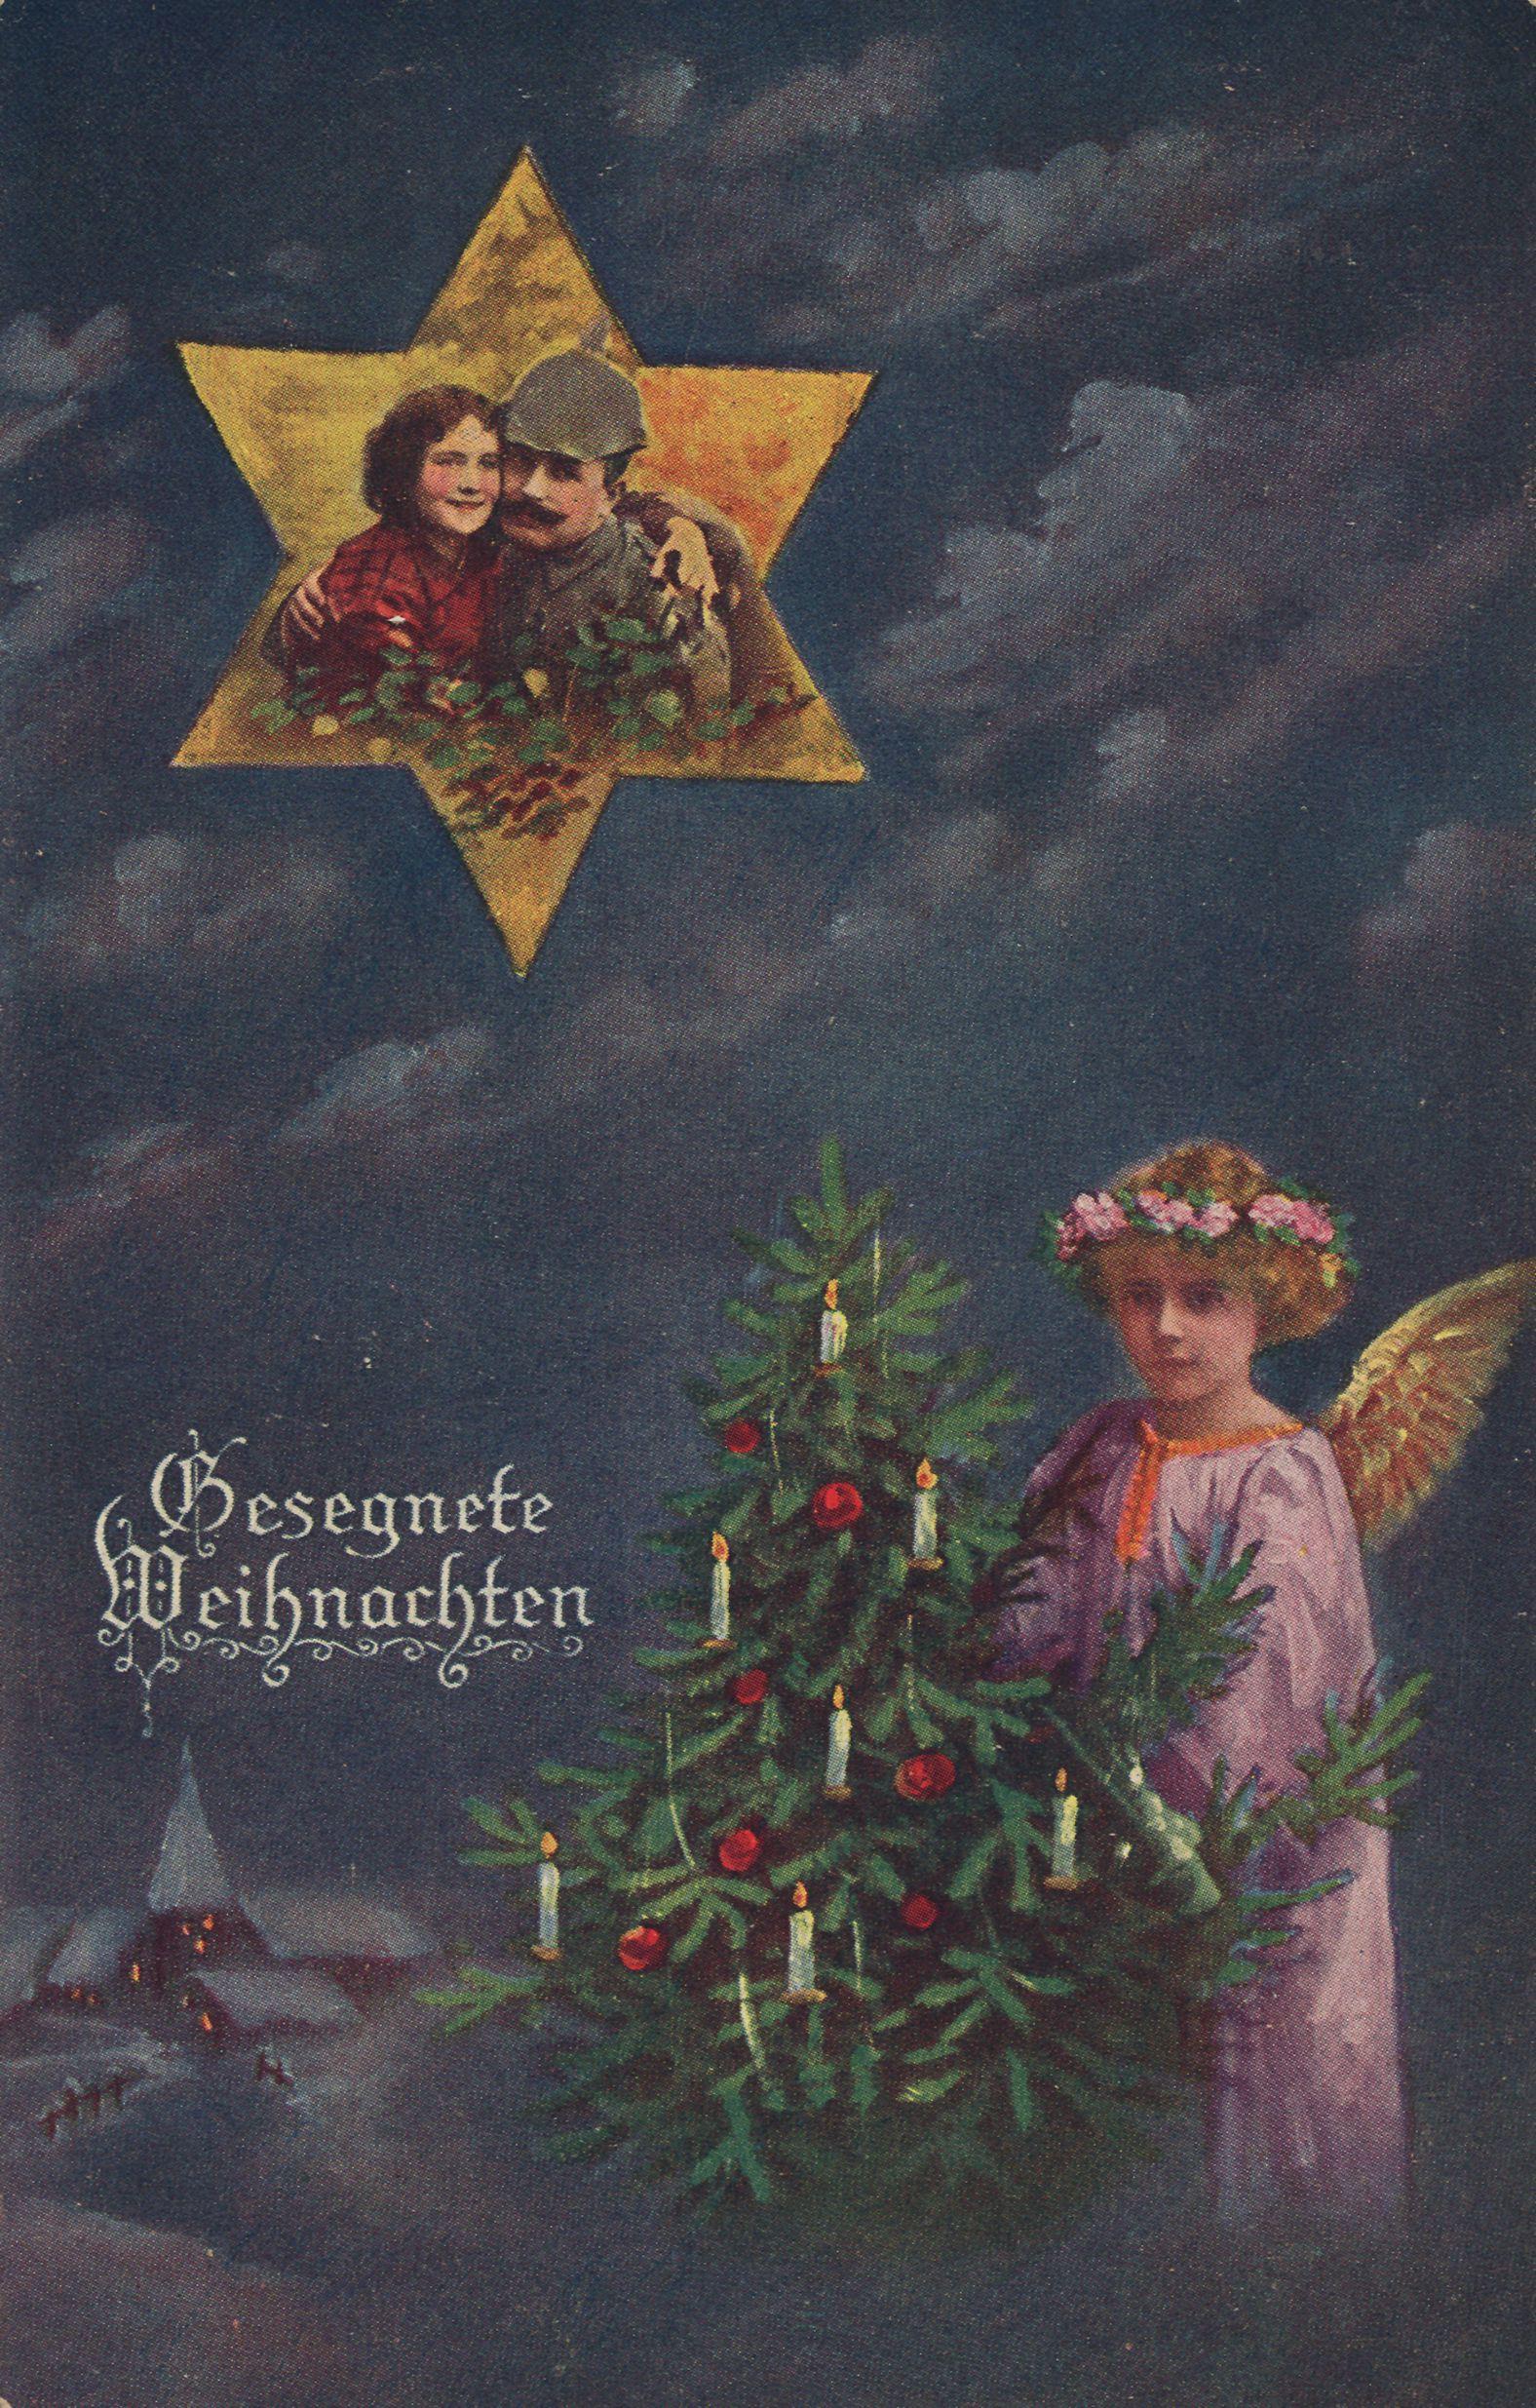 Weihnachten, Personen, Soldat und Tochter - Zeno.org